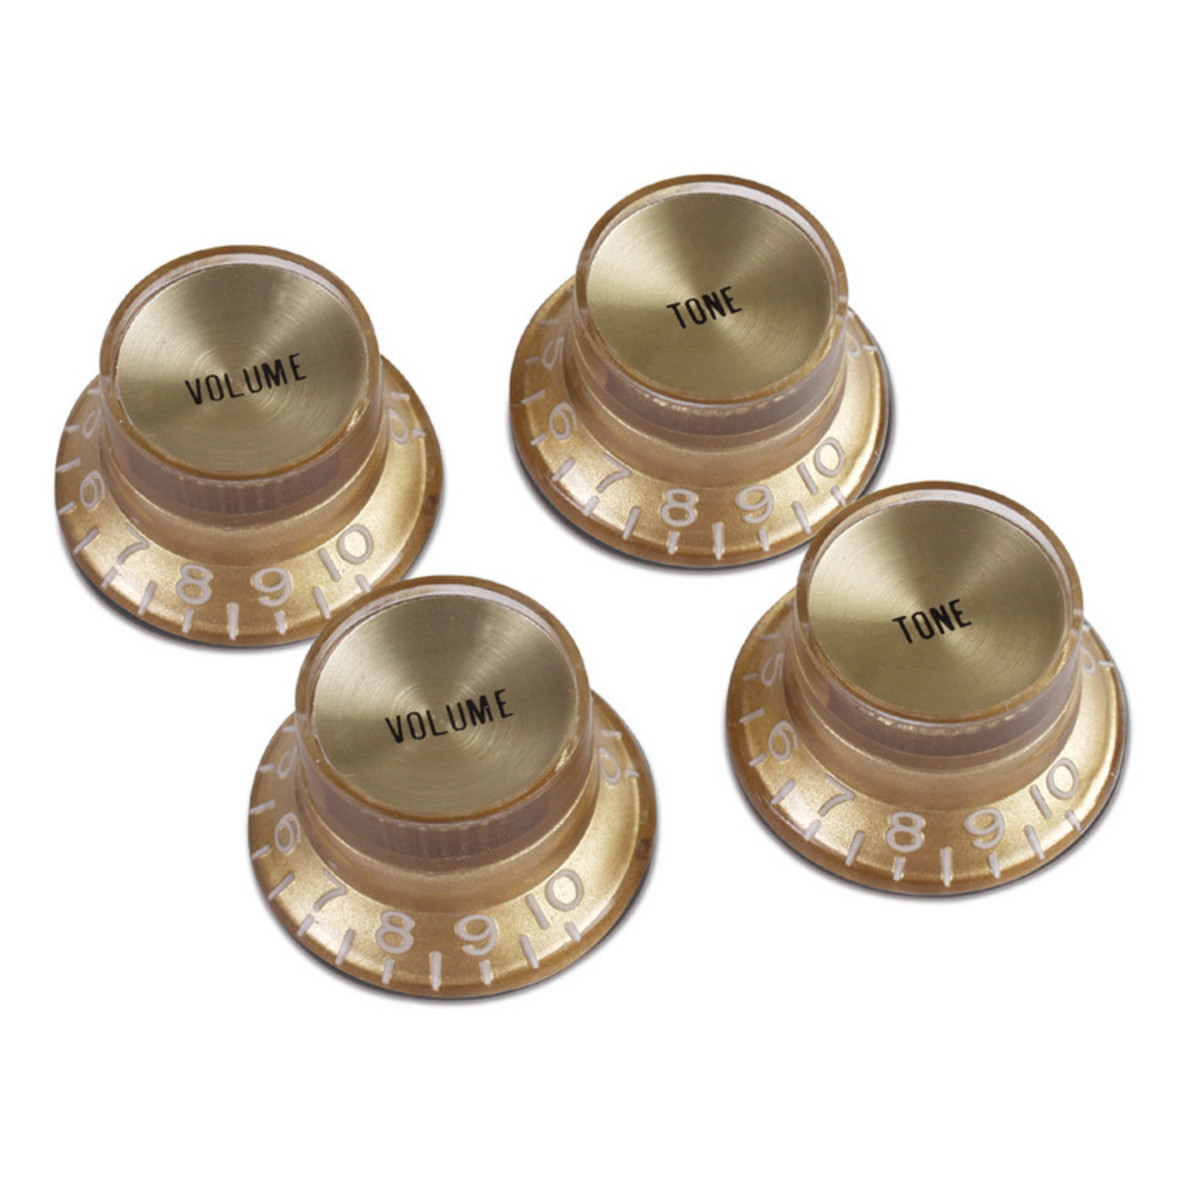 Gibson Top Hat Knobs : gibson top hat knobs for electric guitar gold with gold insert at gear4music ~ Hamham.info Haus und Dekorationen